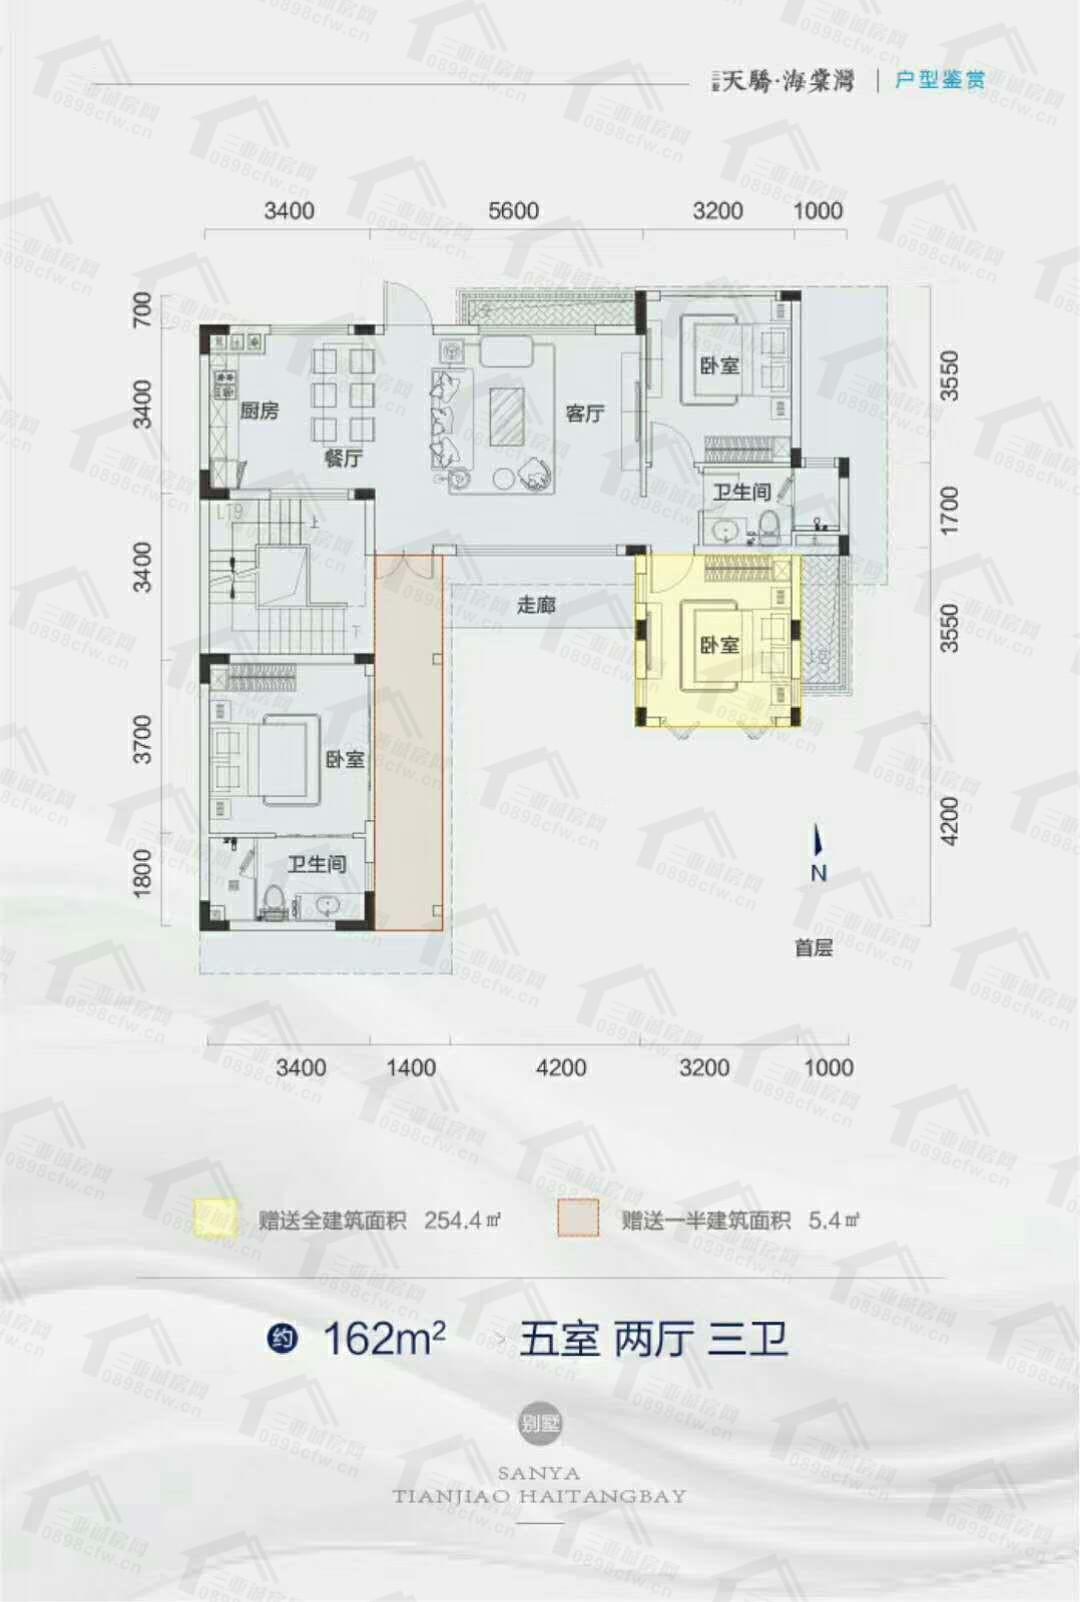 天骄海棠湾别墅B  5房2厅3卫